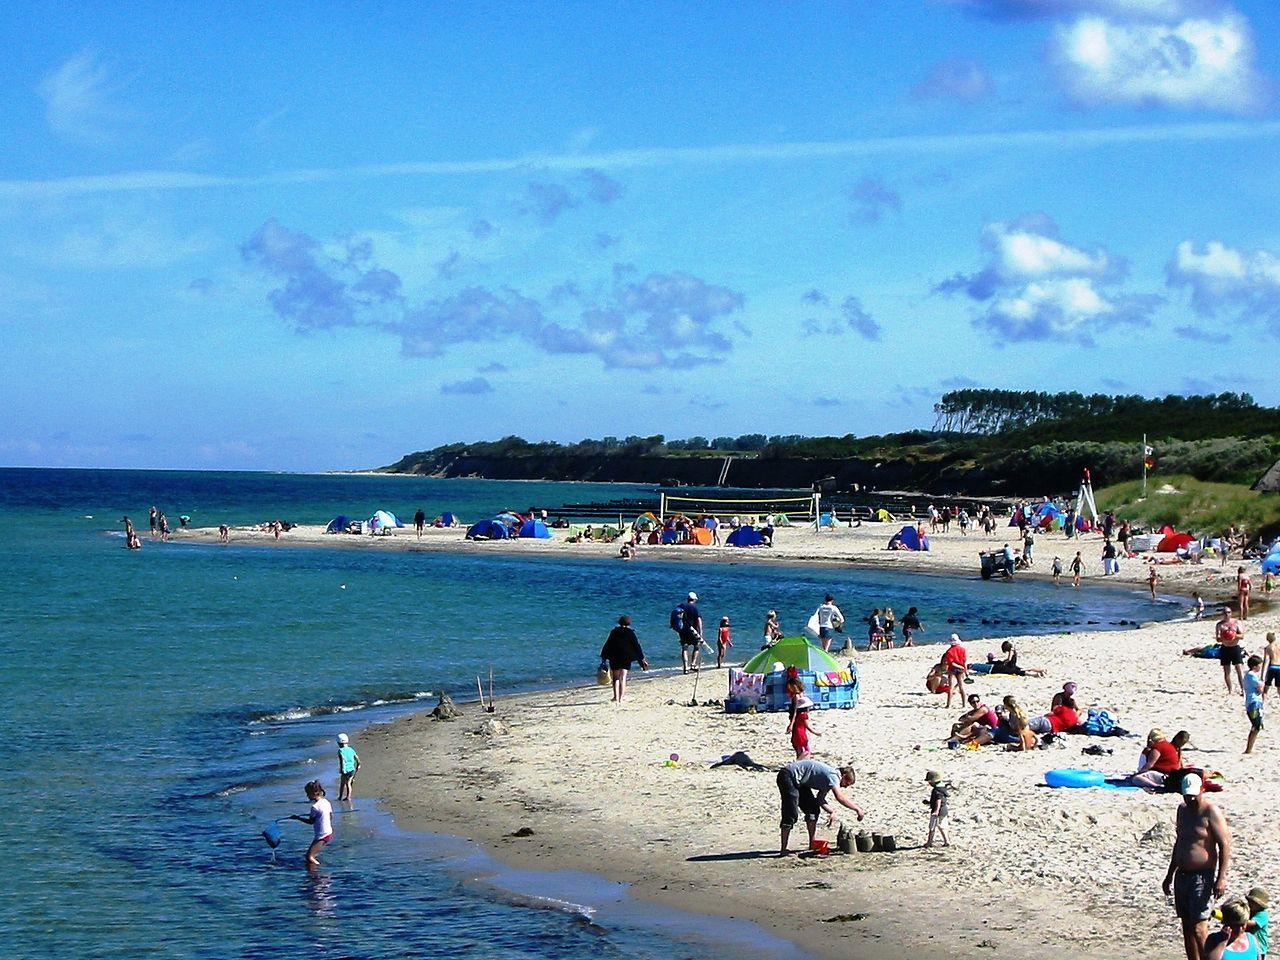 Datei:Wustrow (Fischland) Strand.JPG - Wikipedia